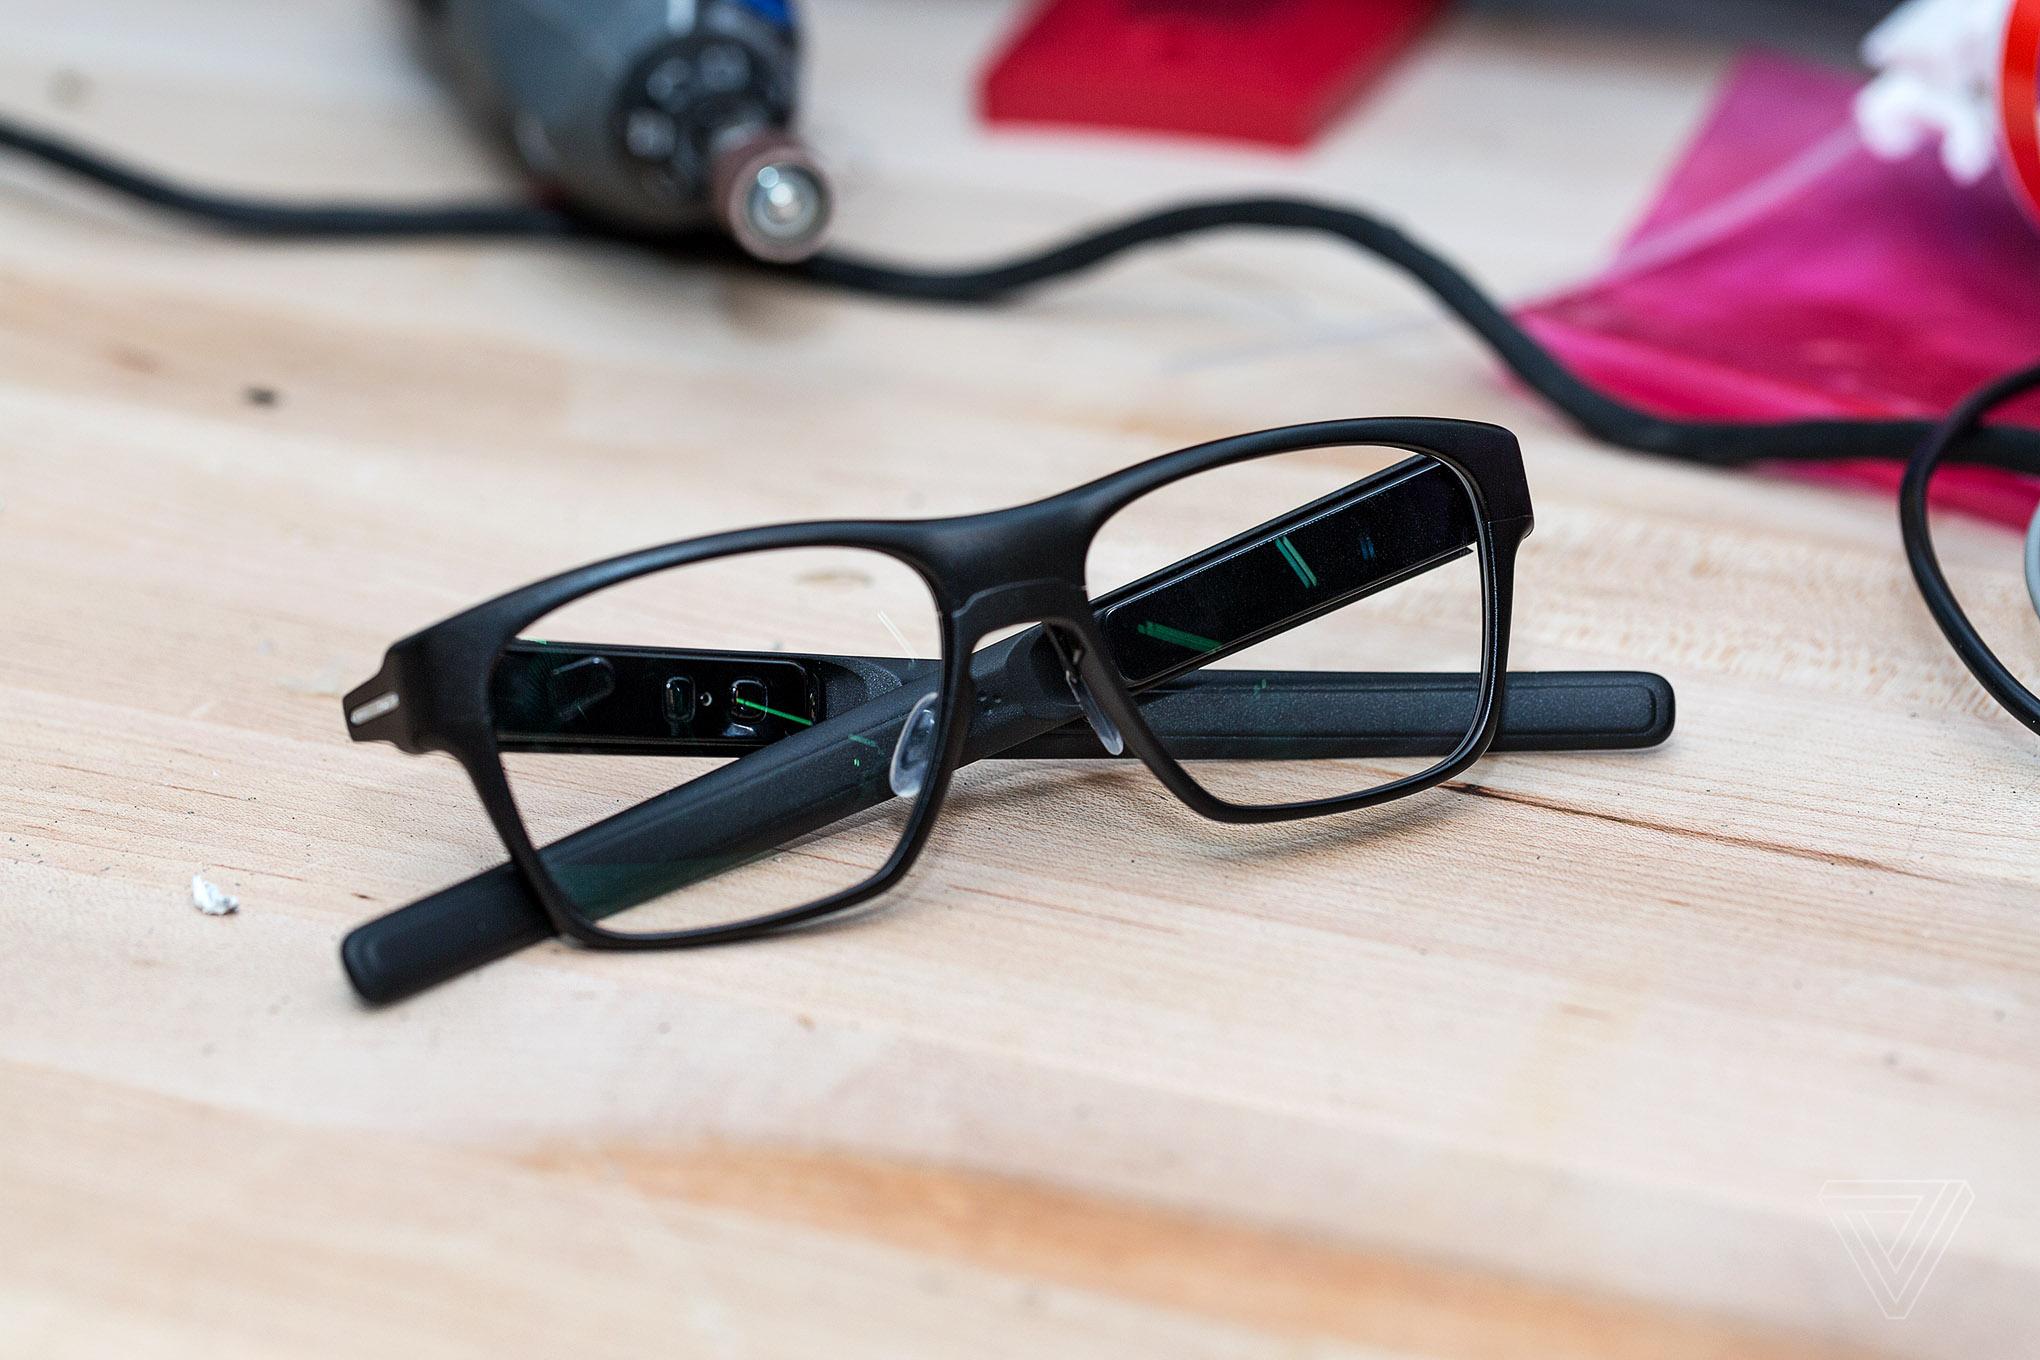 Vaunt : Intel réinvente des Google Glass élégantes et non intrusives